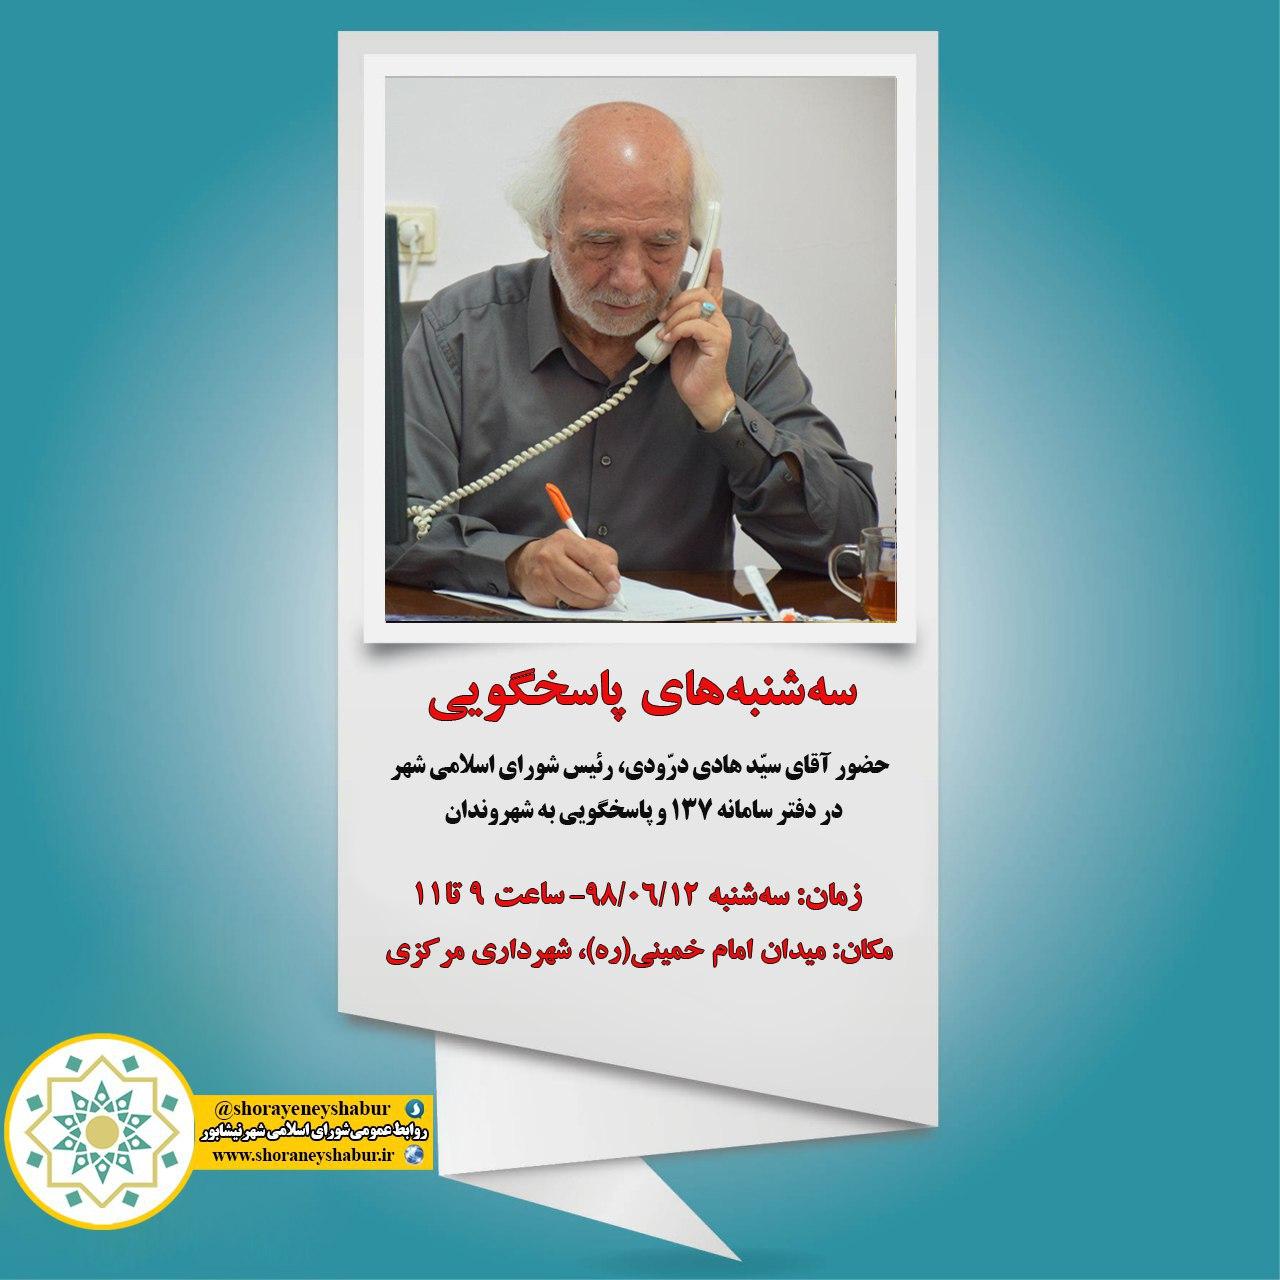 سه شنبه های پاسخگو با حضور سید هادی درودی رئیس شورای اسلامی شهر نیشابور